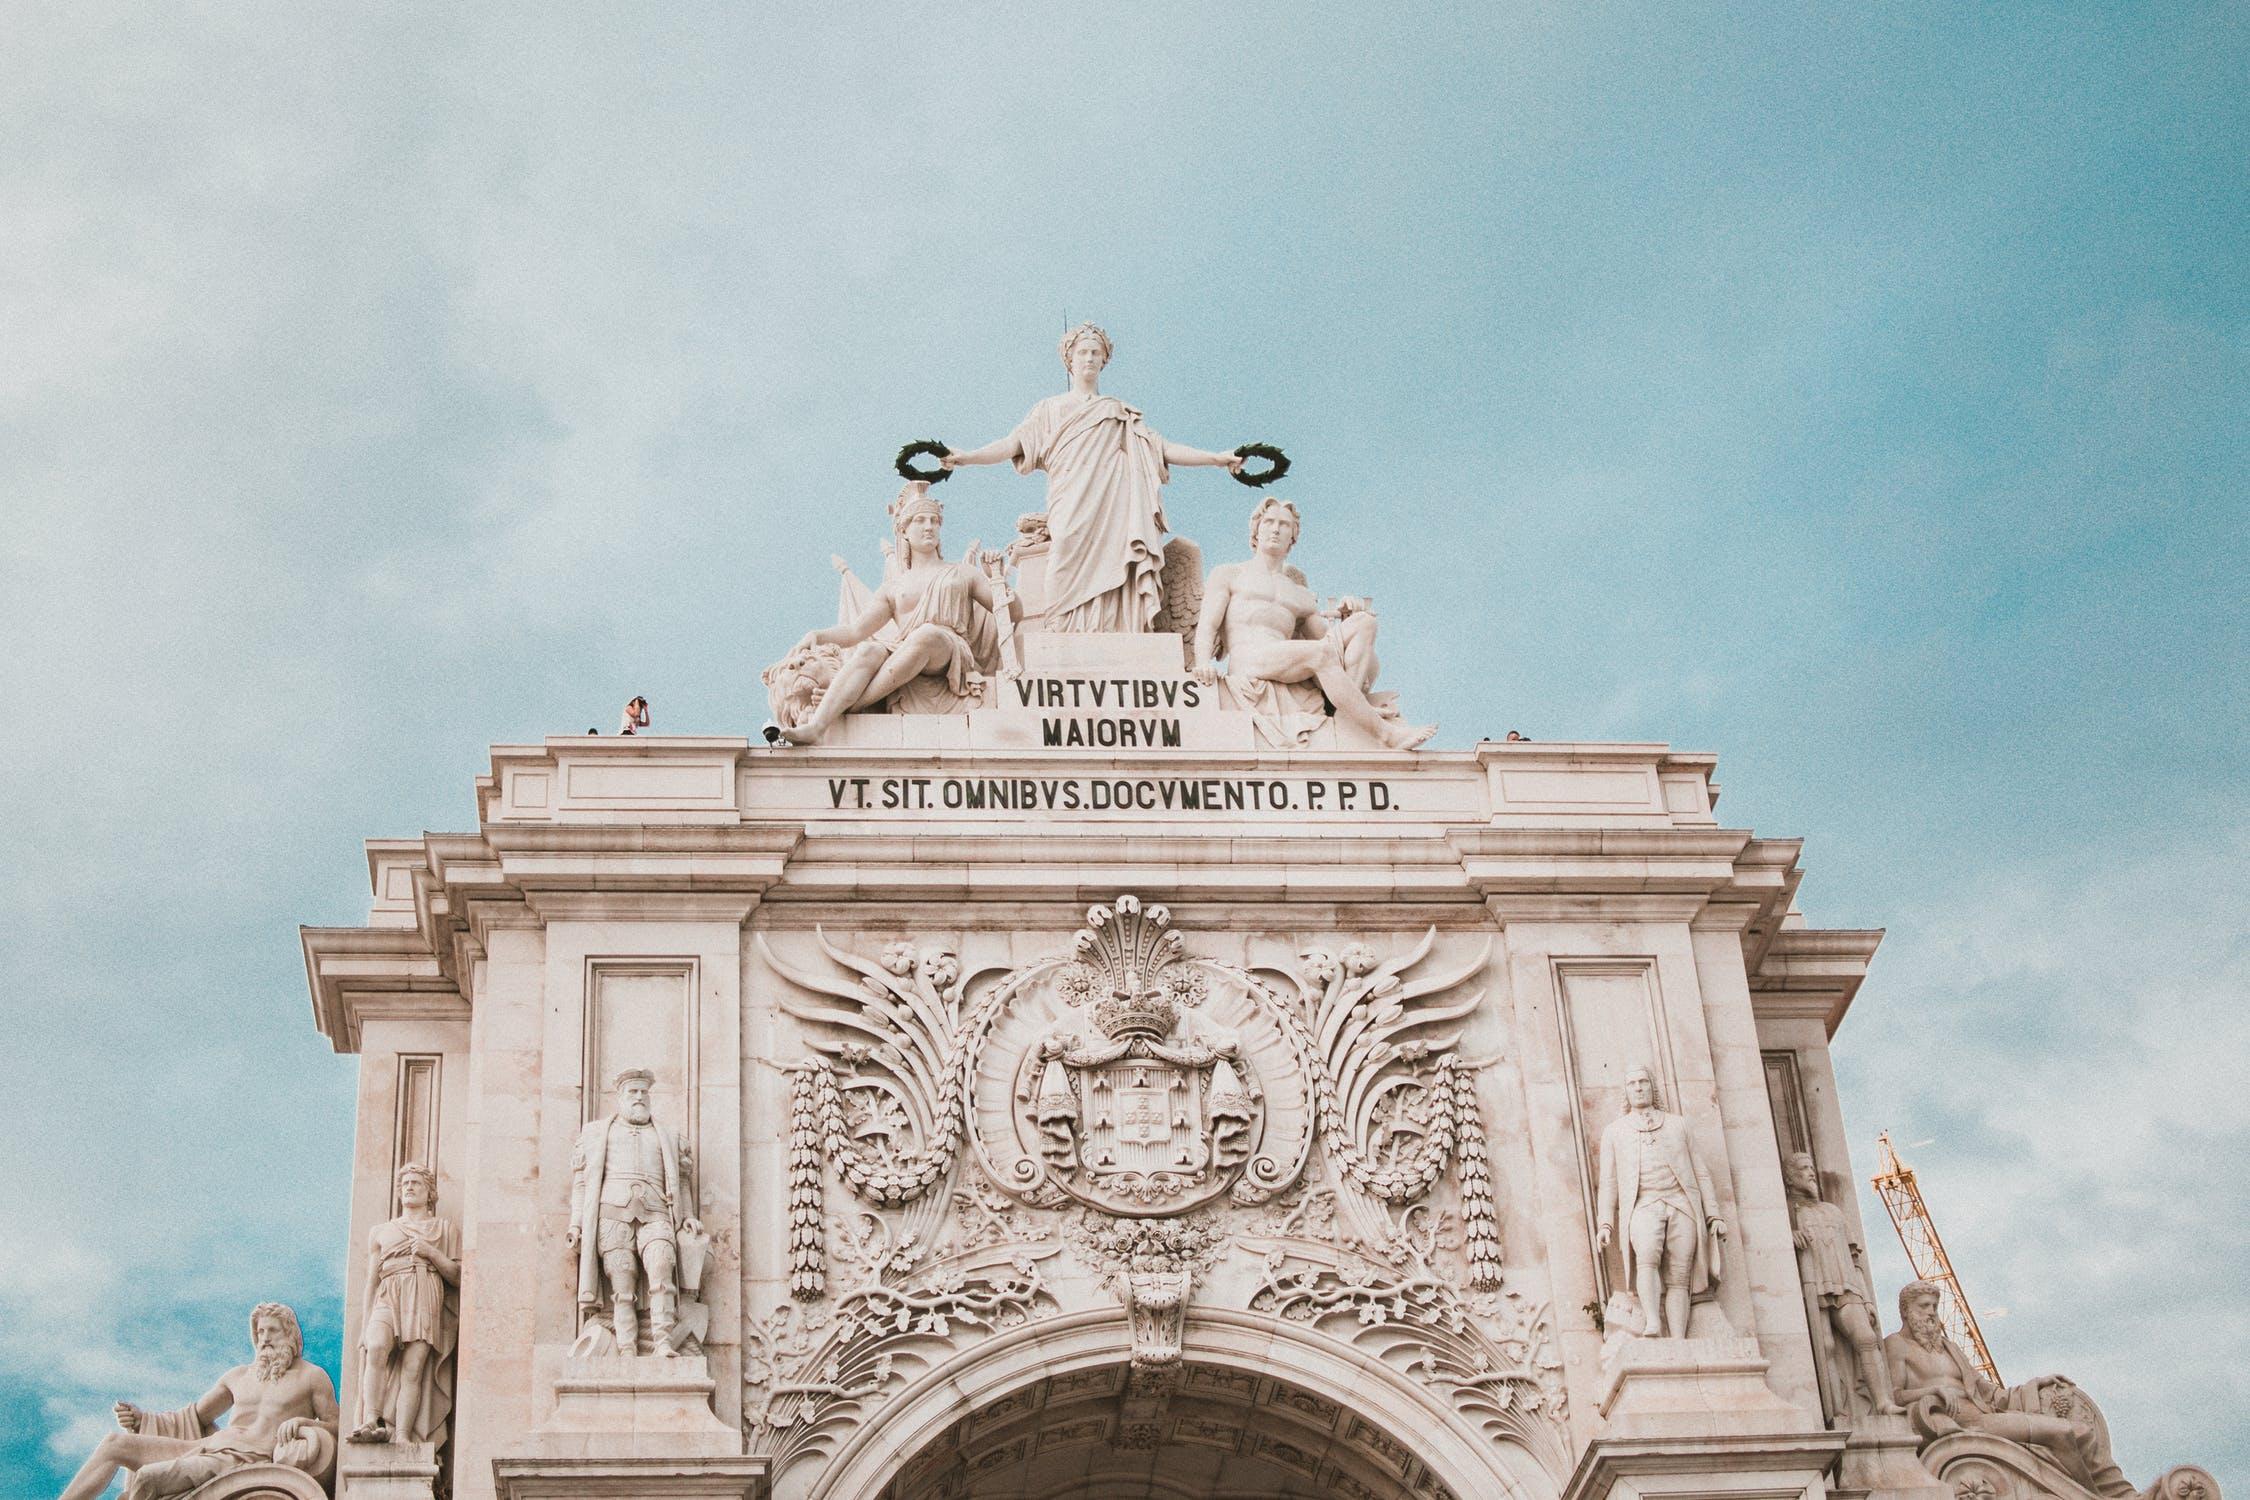 Portugal - Historia, Cultura y Arquitectura